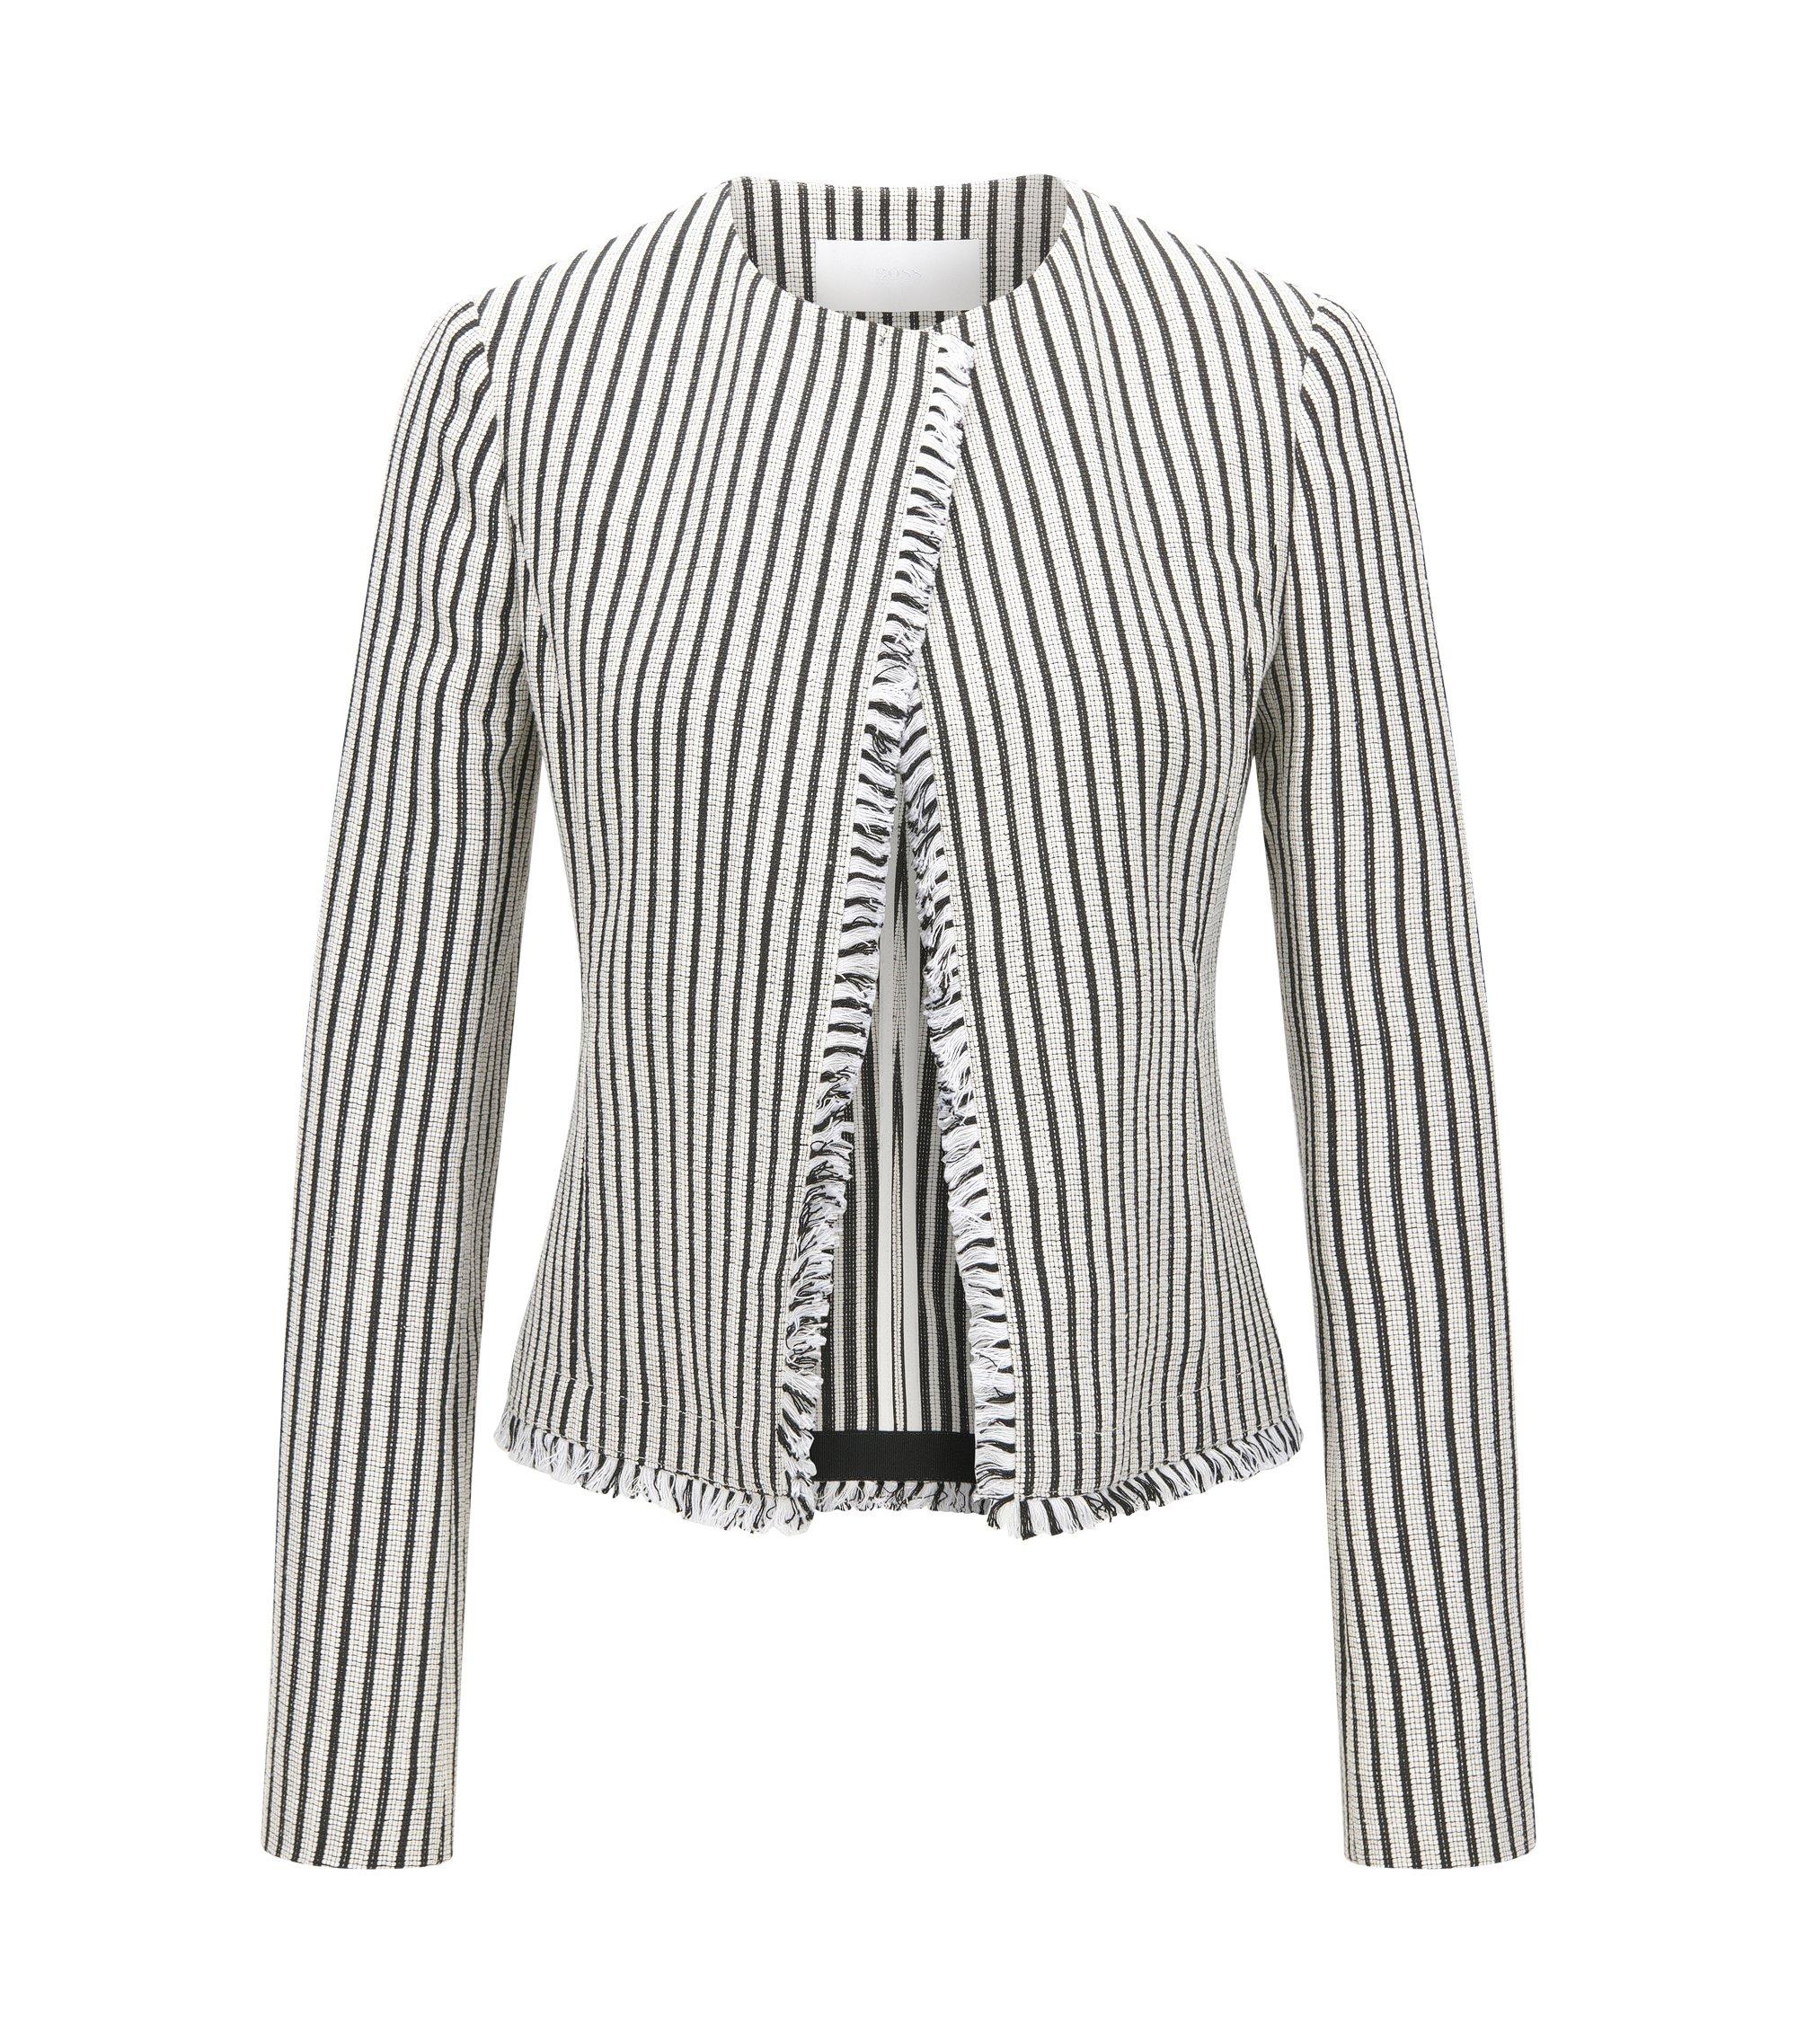 Striped Cotton Blend Bouclé Jacket | Komina, Patterned